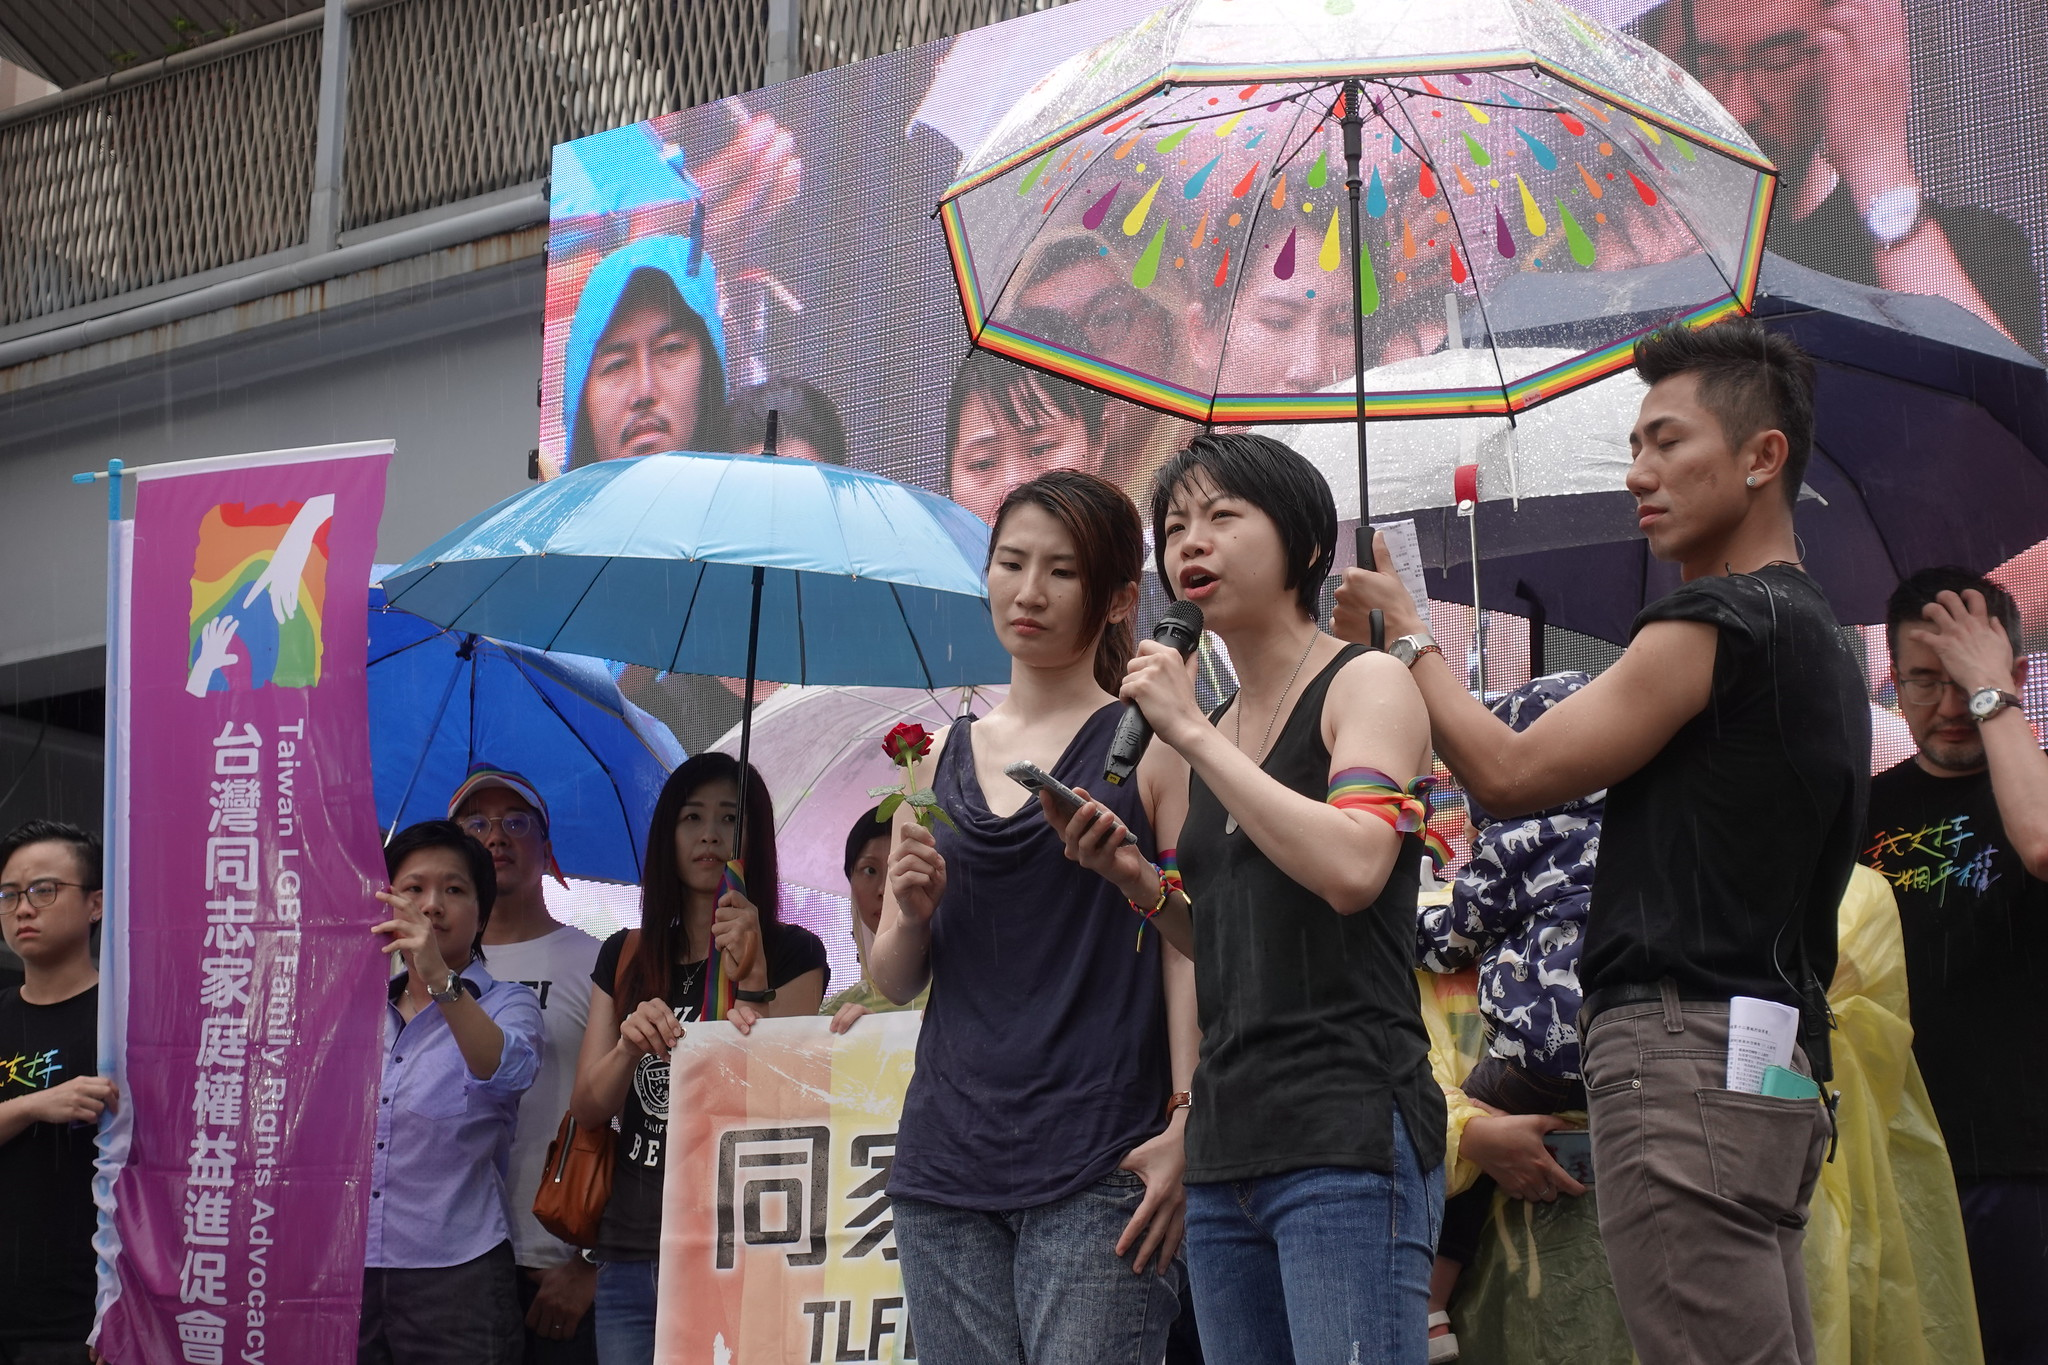 同志家庭權益促進會的女同志媽媽呼籲盡速表決。(攝影:張智琦)